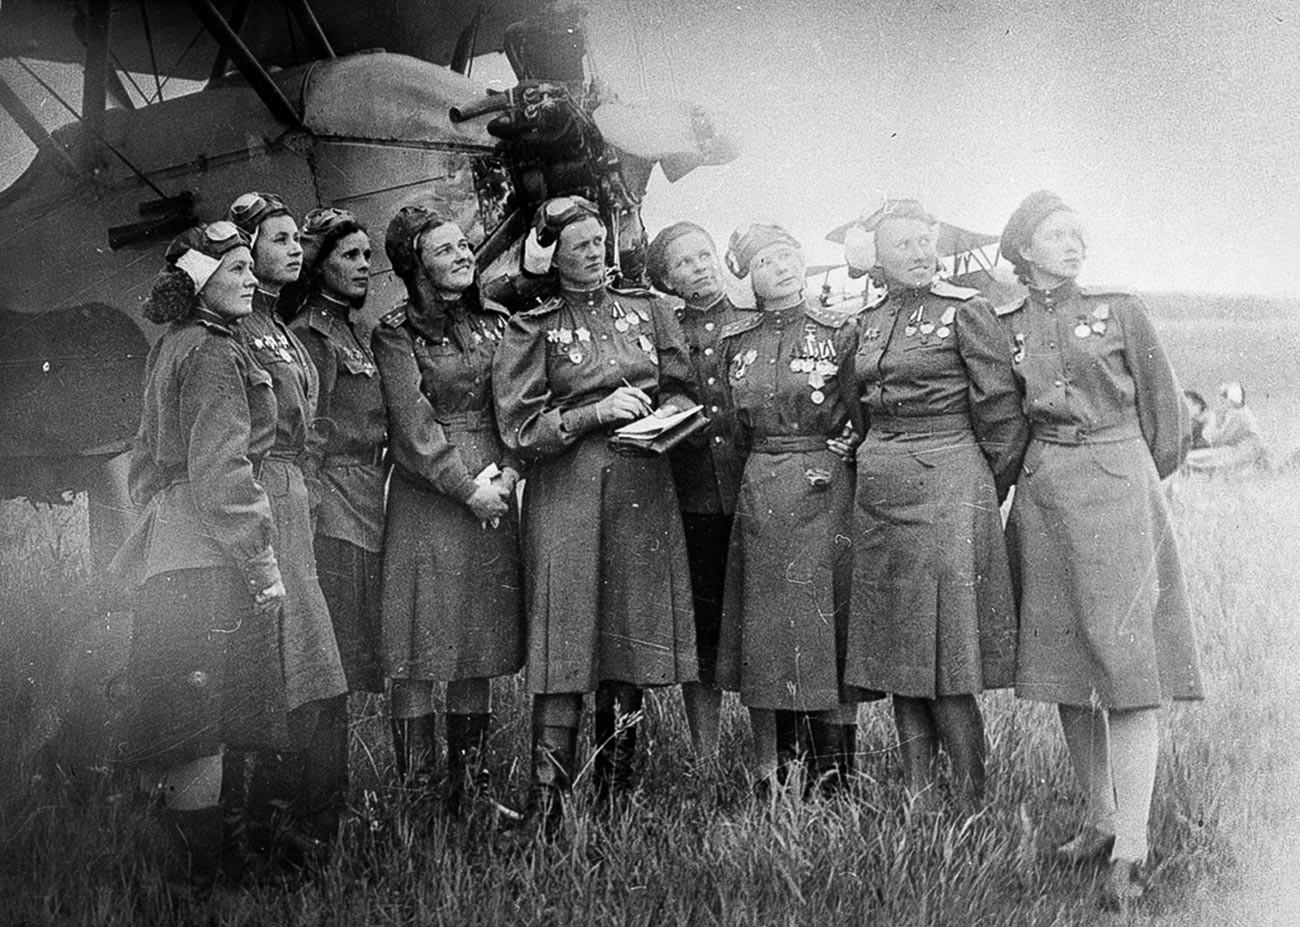 Жене-пилоти 46. гардијског авијацијског пука.